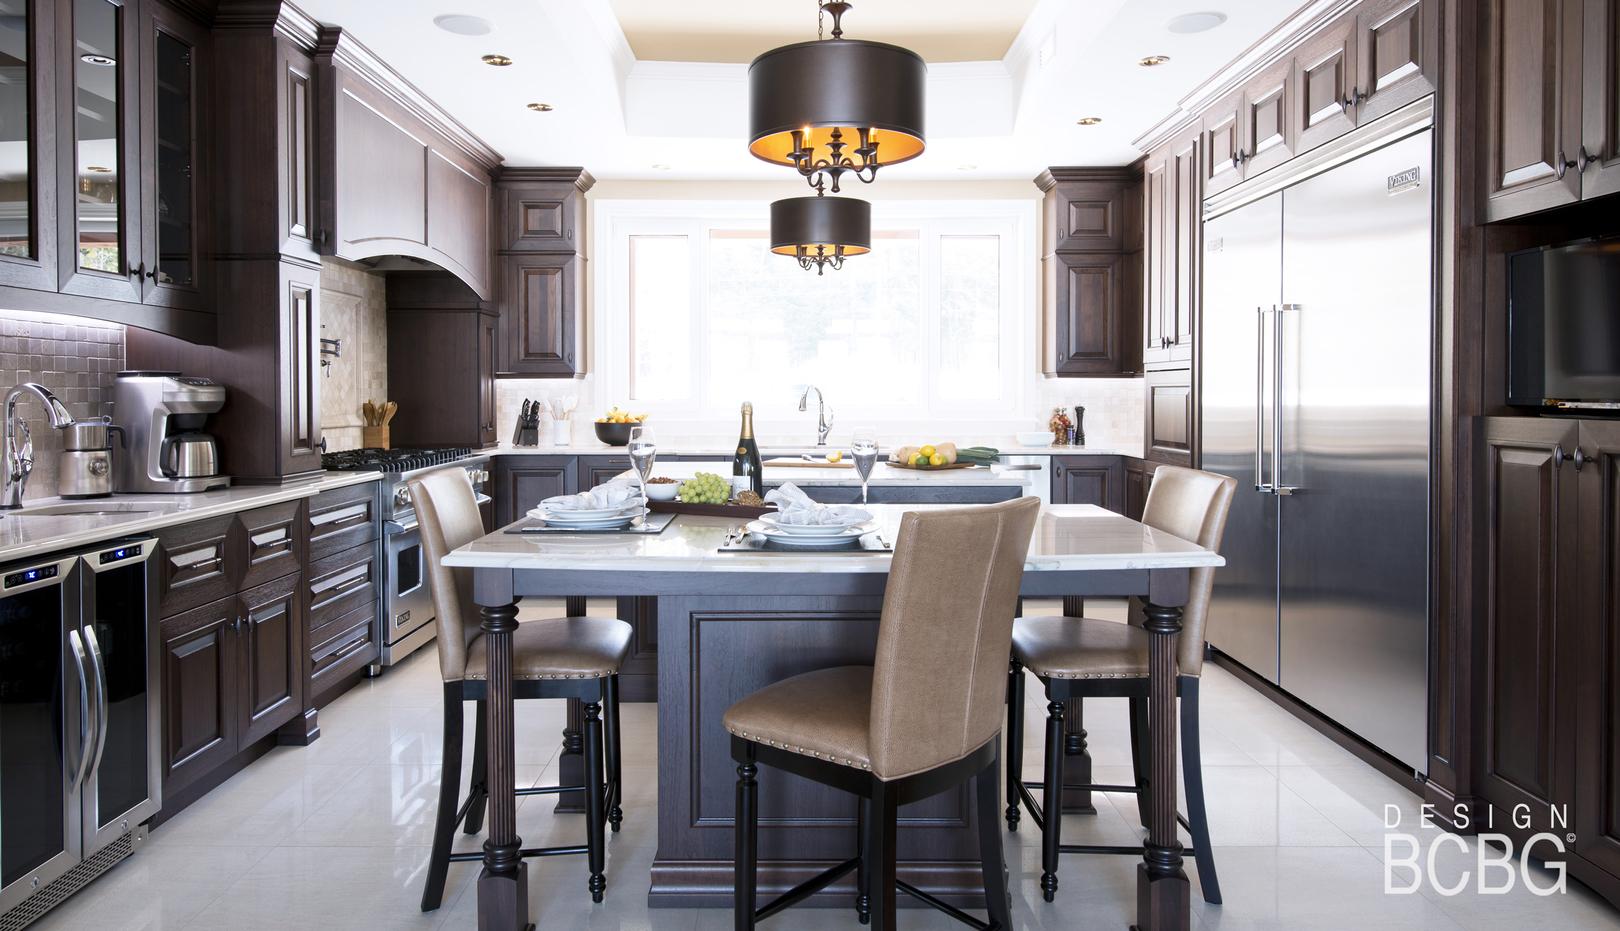 Bcbg Kitchen Cabinets